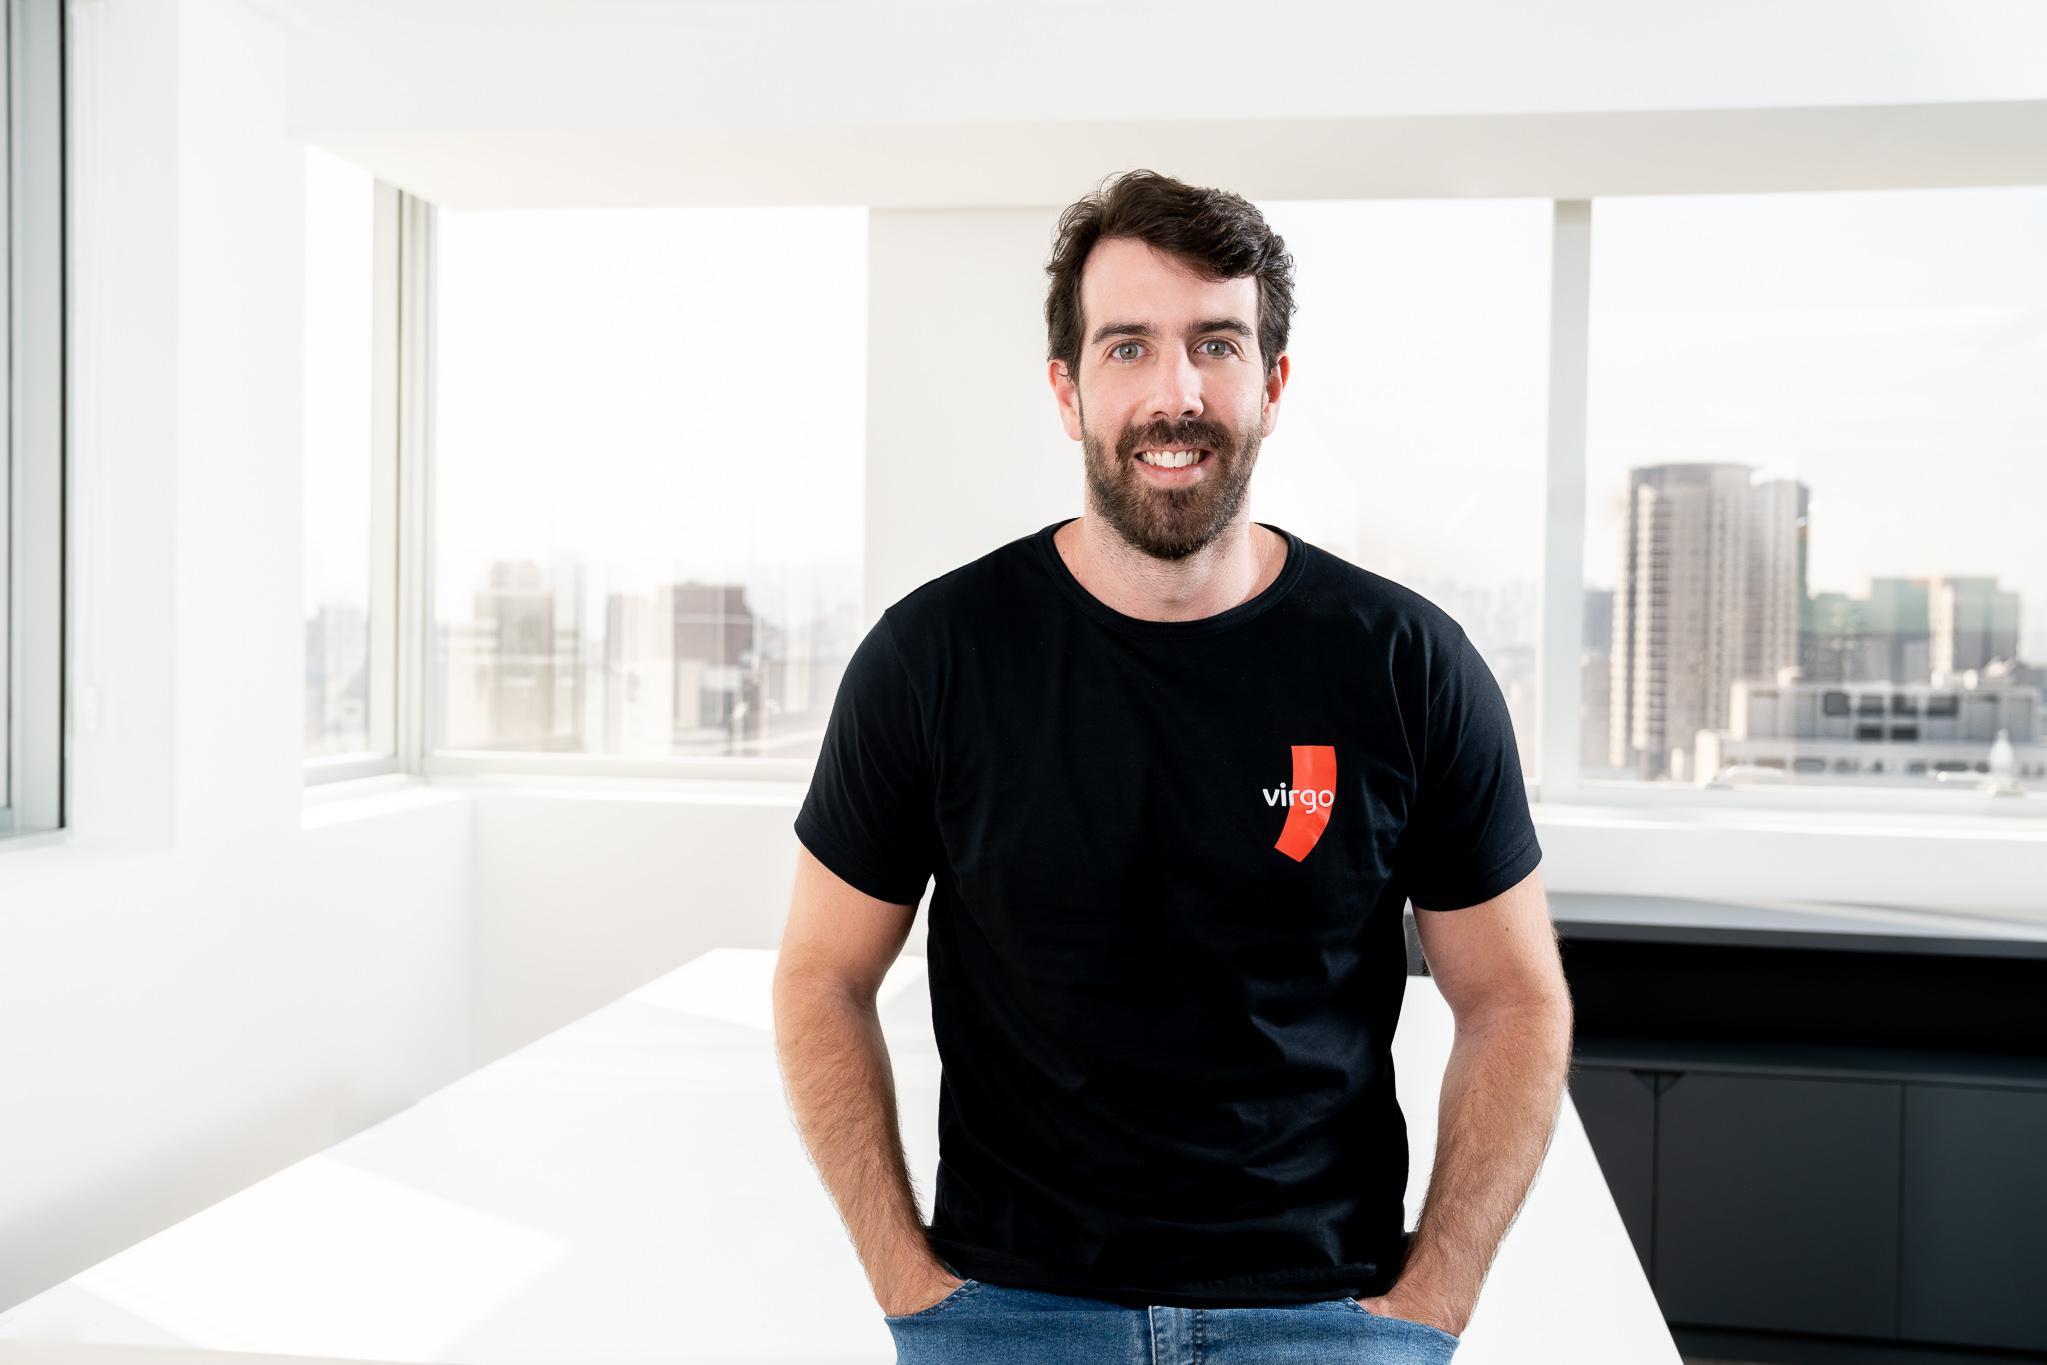 Virgo lança braço de Venture Capital para aprimorar mercado de capitais